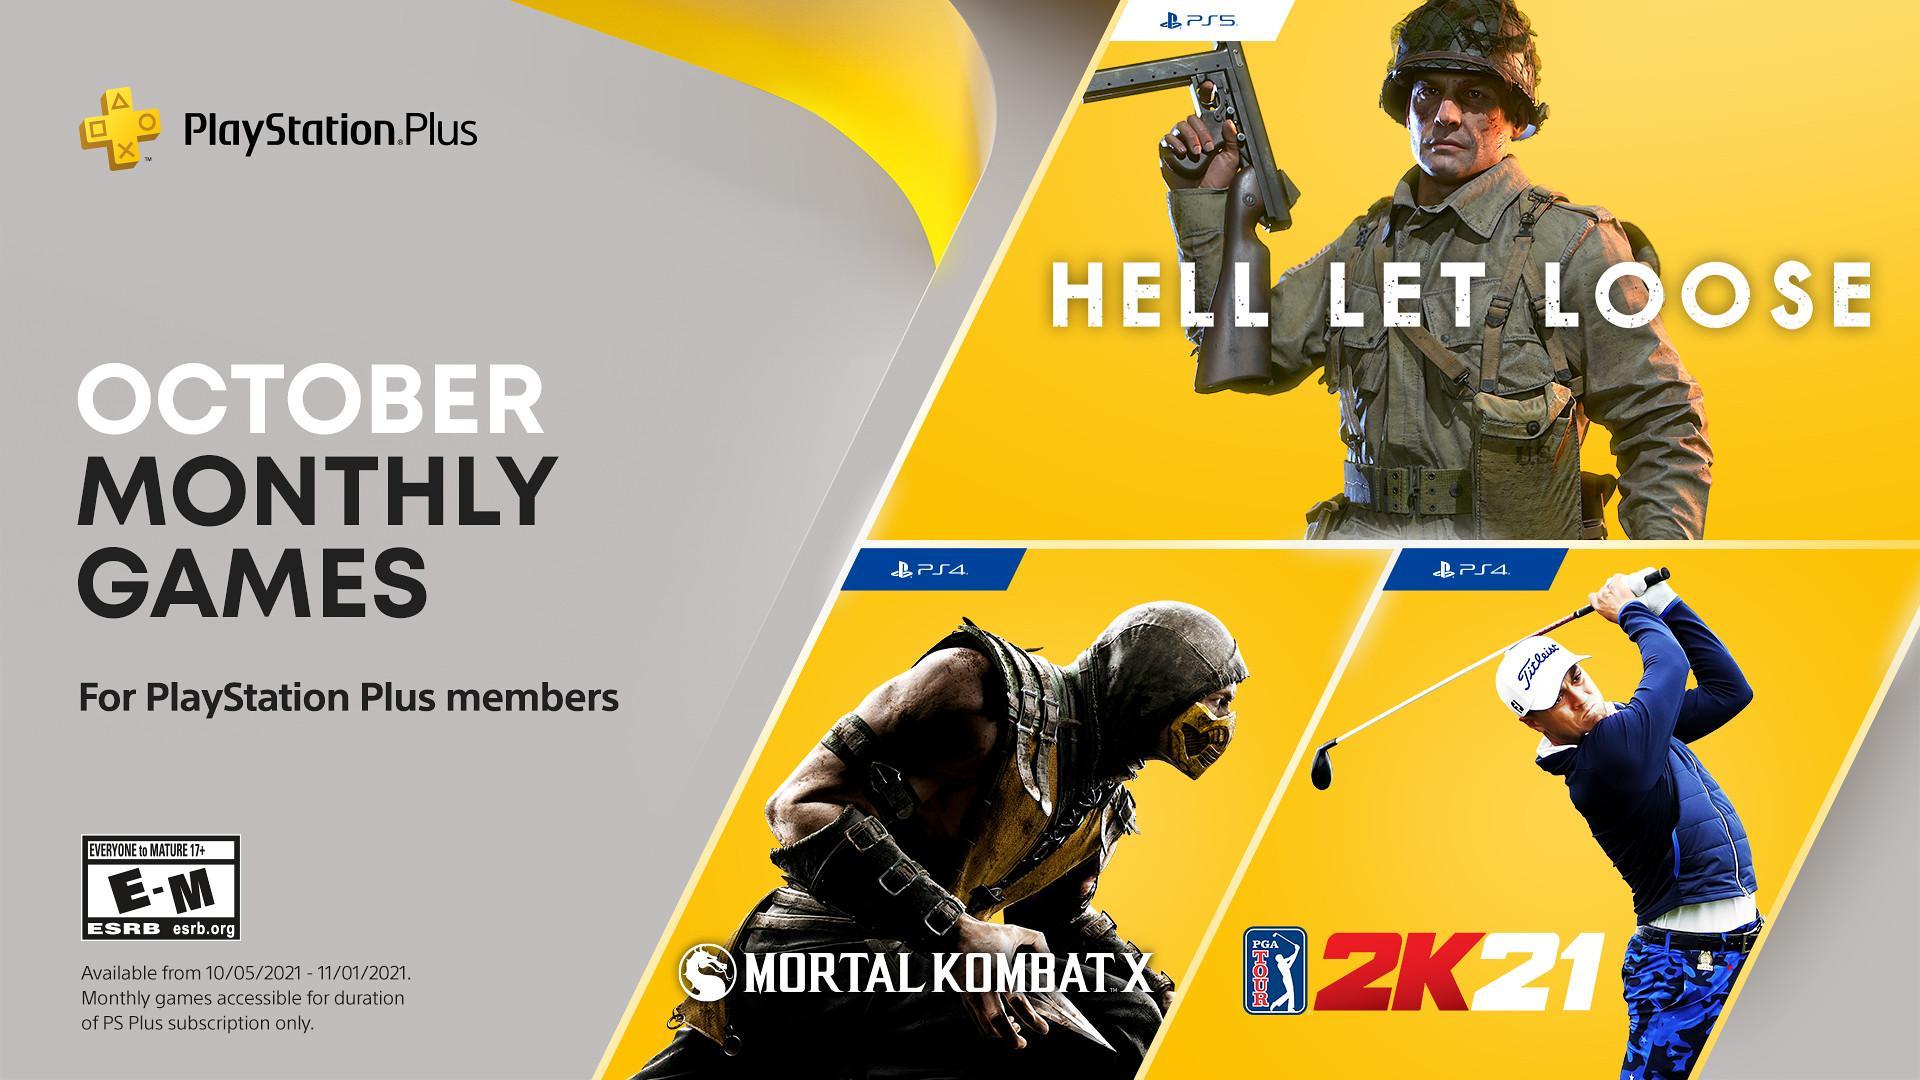 Els jocs disponibles a partir del 5 d'octubre amb la subscripció a PS Plus. / PlayStation